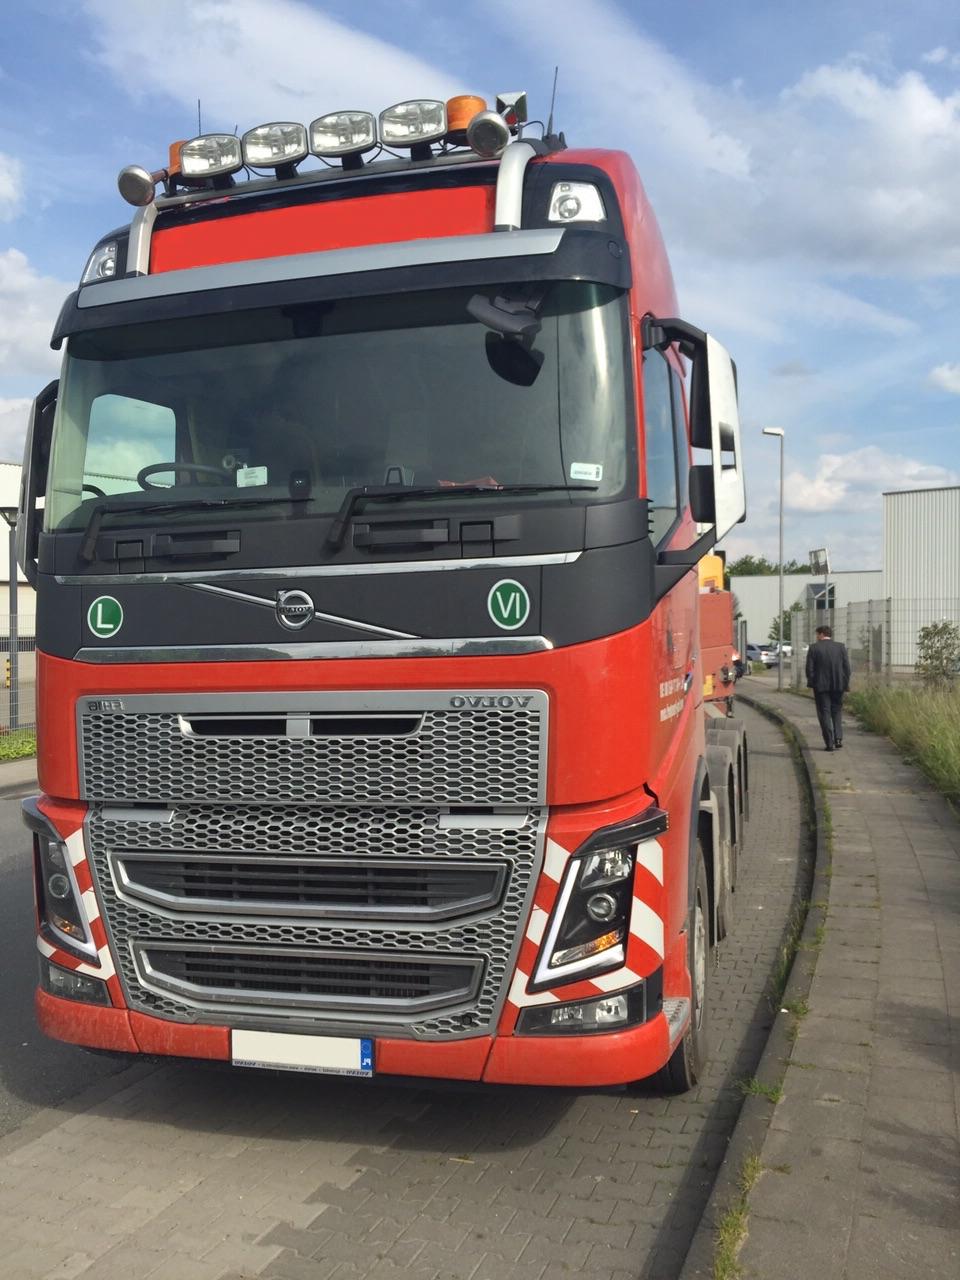 Truck der Spedition Focus Sped für jegliche Transportart.